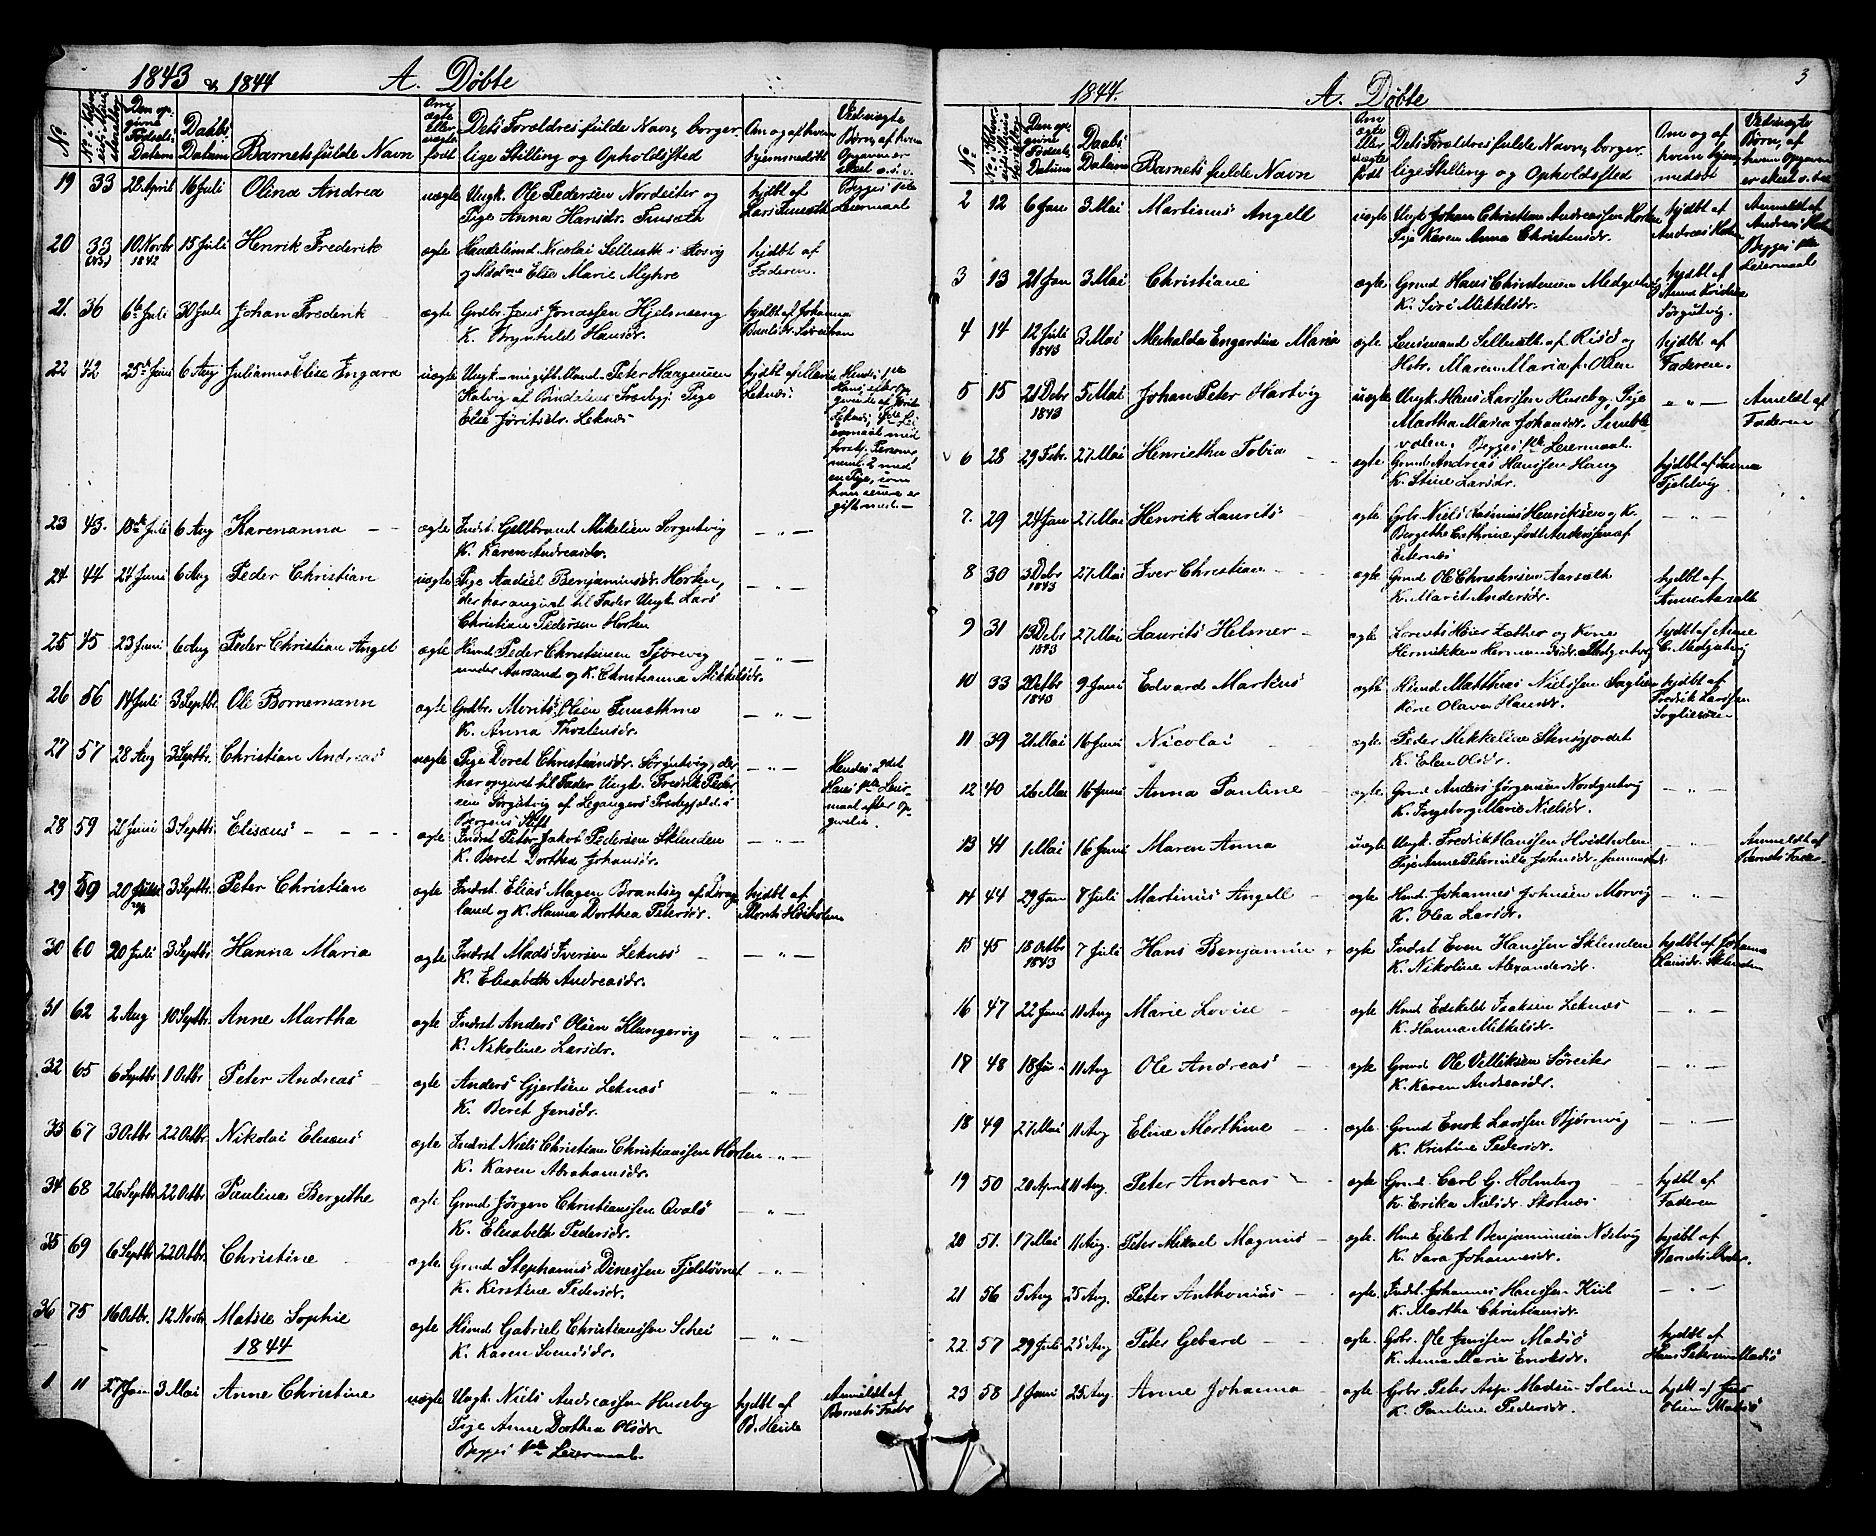 SAT, Ministerialprotokoller, klokkerbøker og fødselsregistre - Nord-Trøndelag, 788/L0695: Ministerialbok nr. 788A02, 1843-1862, s. 3